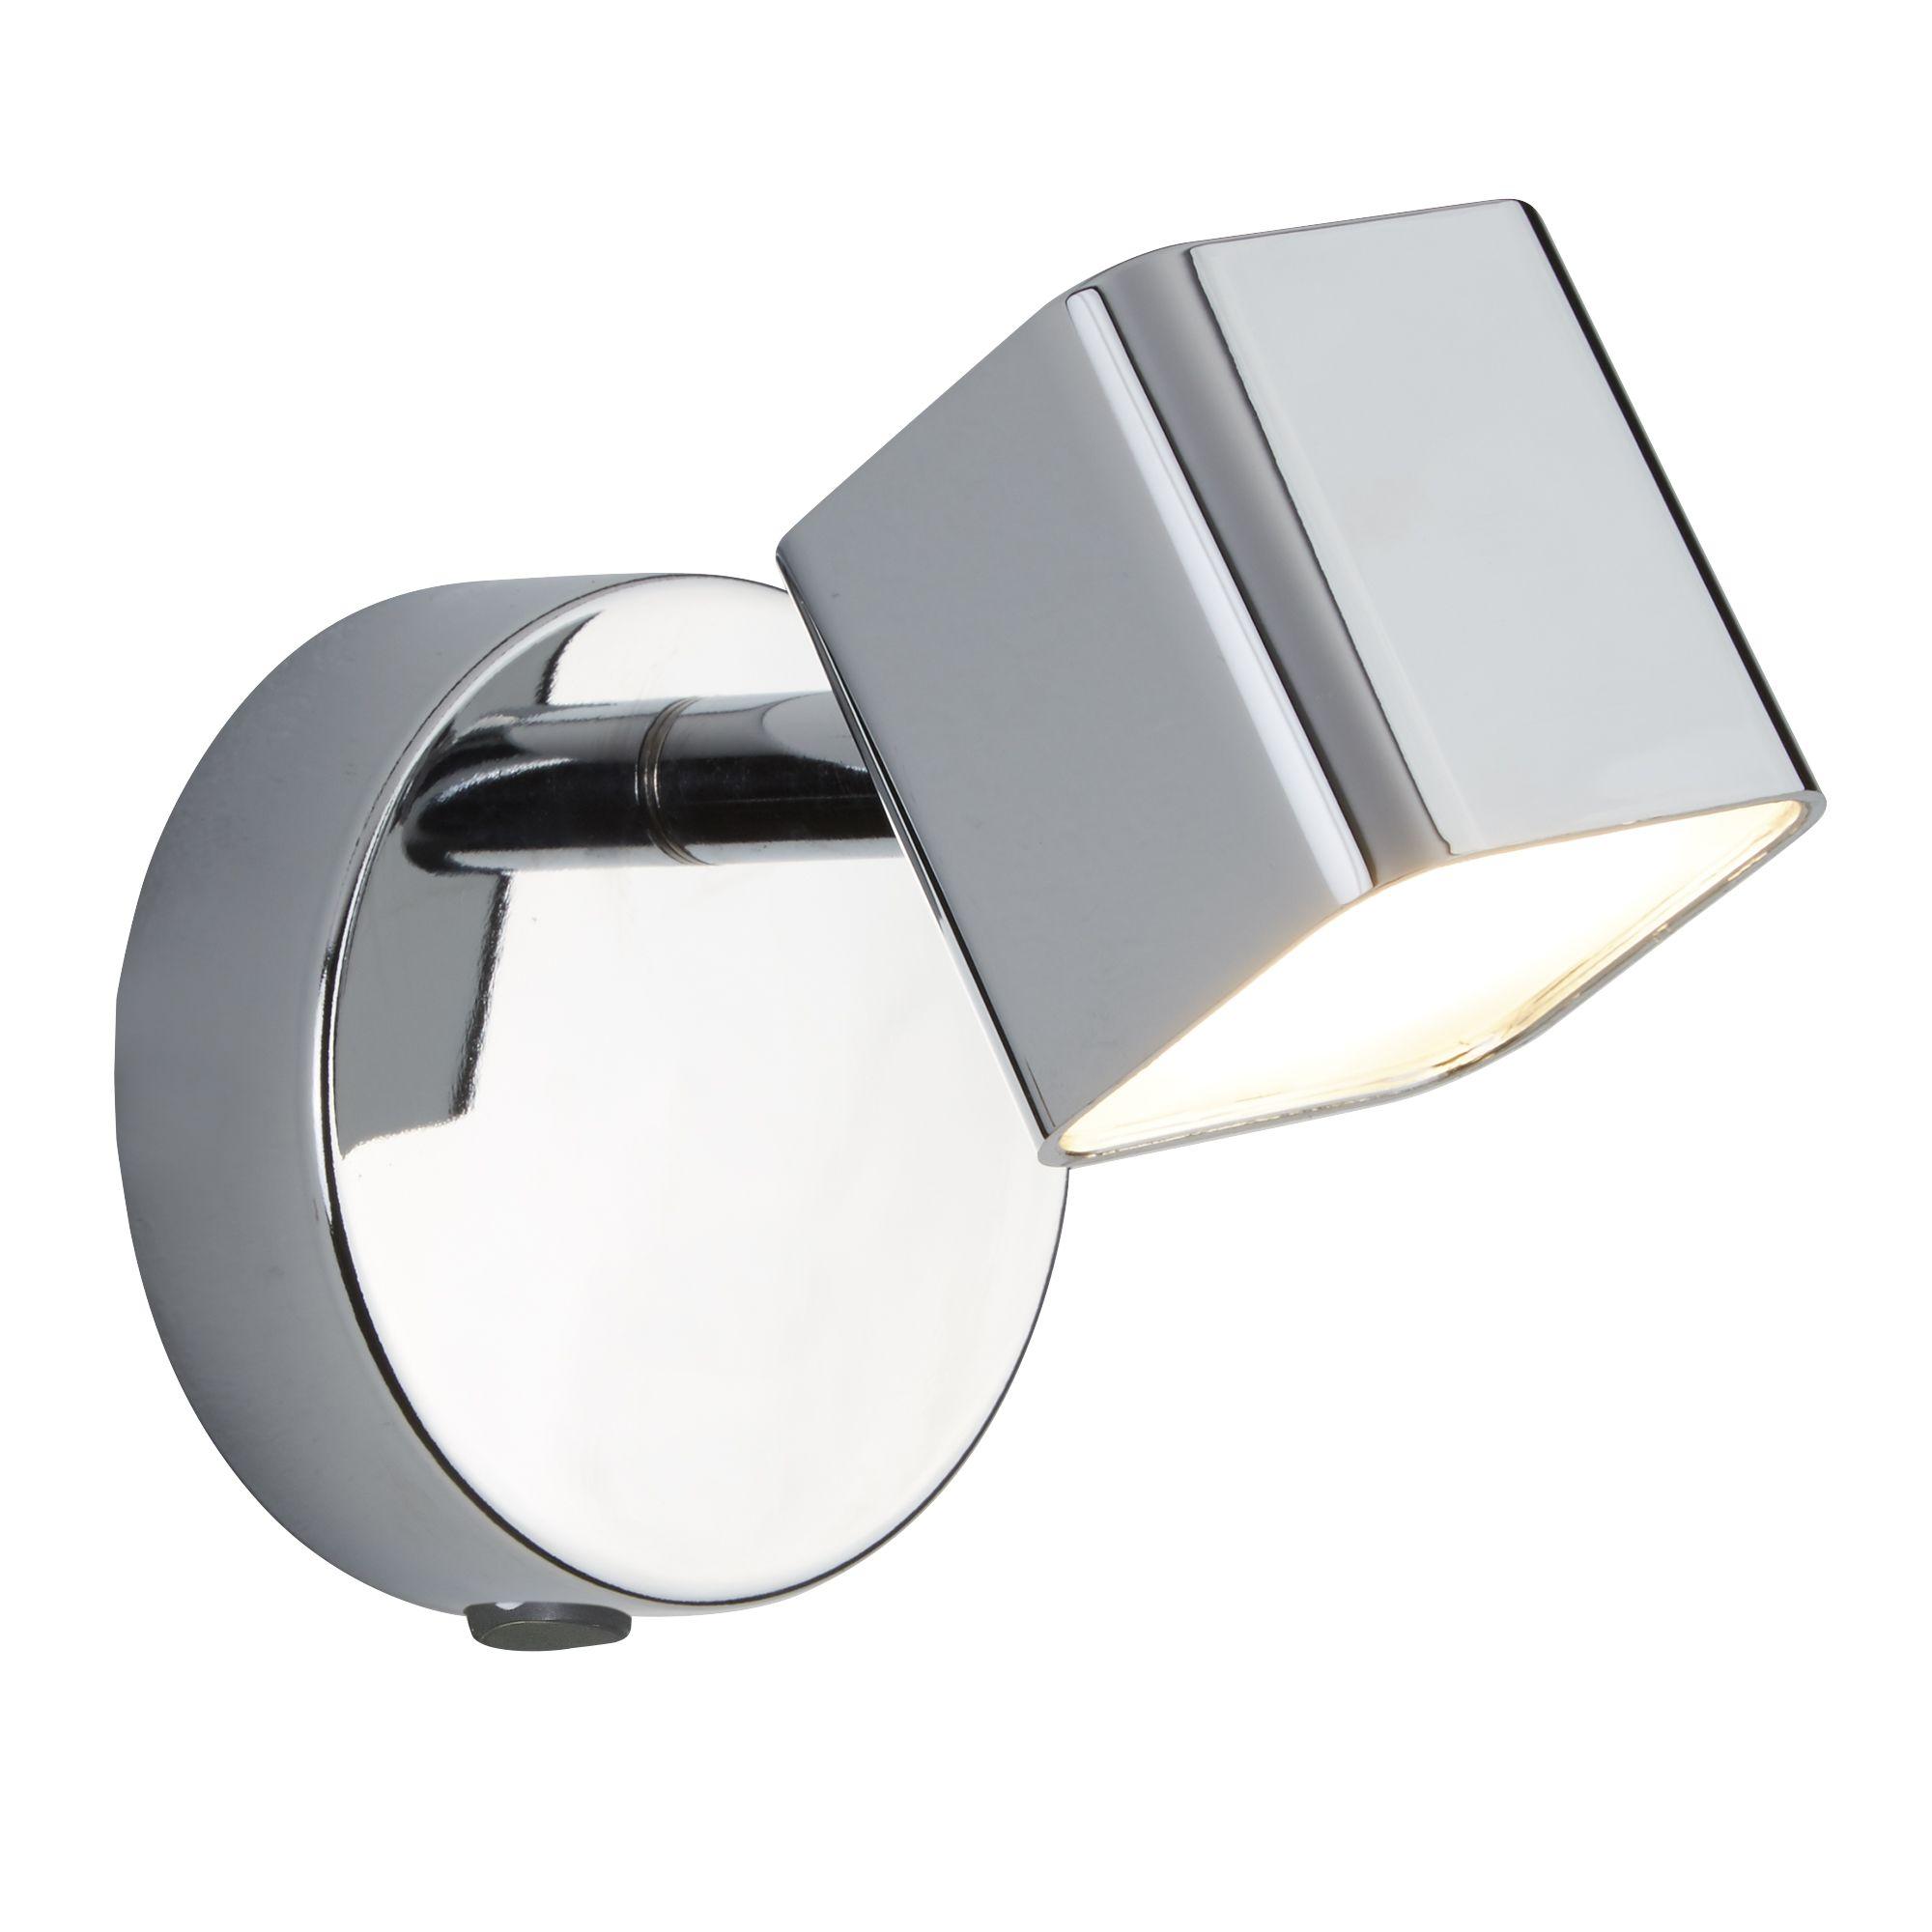 1 Light Led Square Head Spot Wall Bracket, Chrome